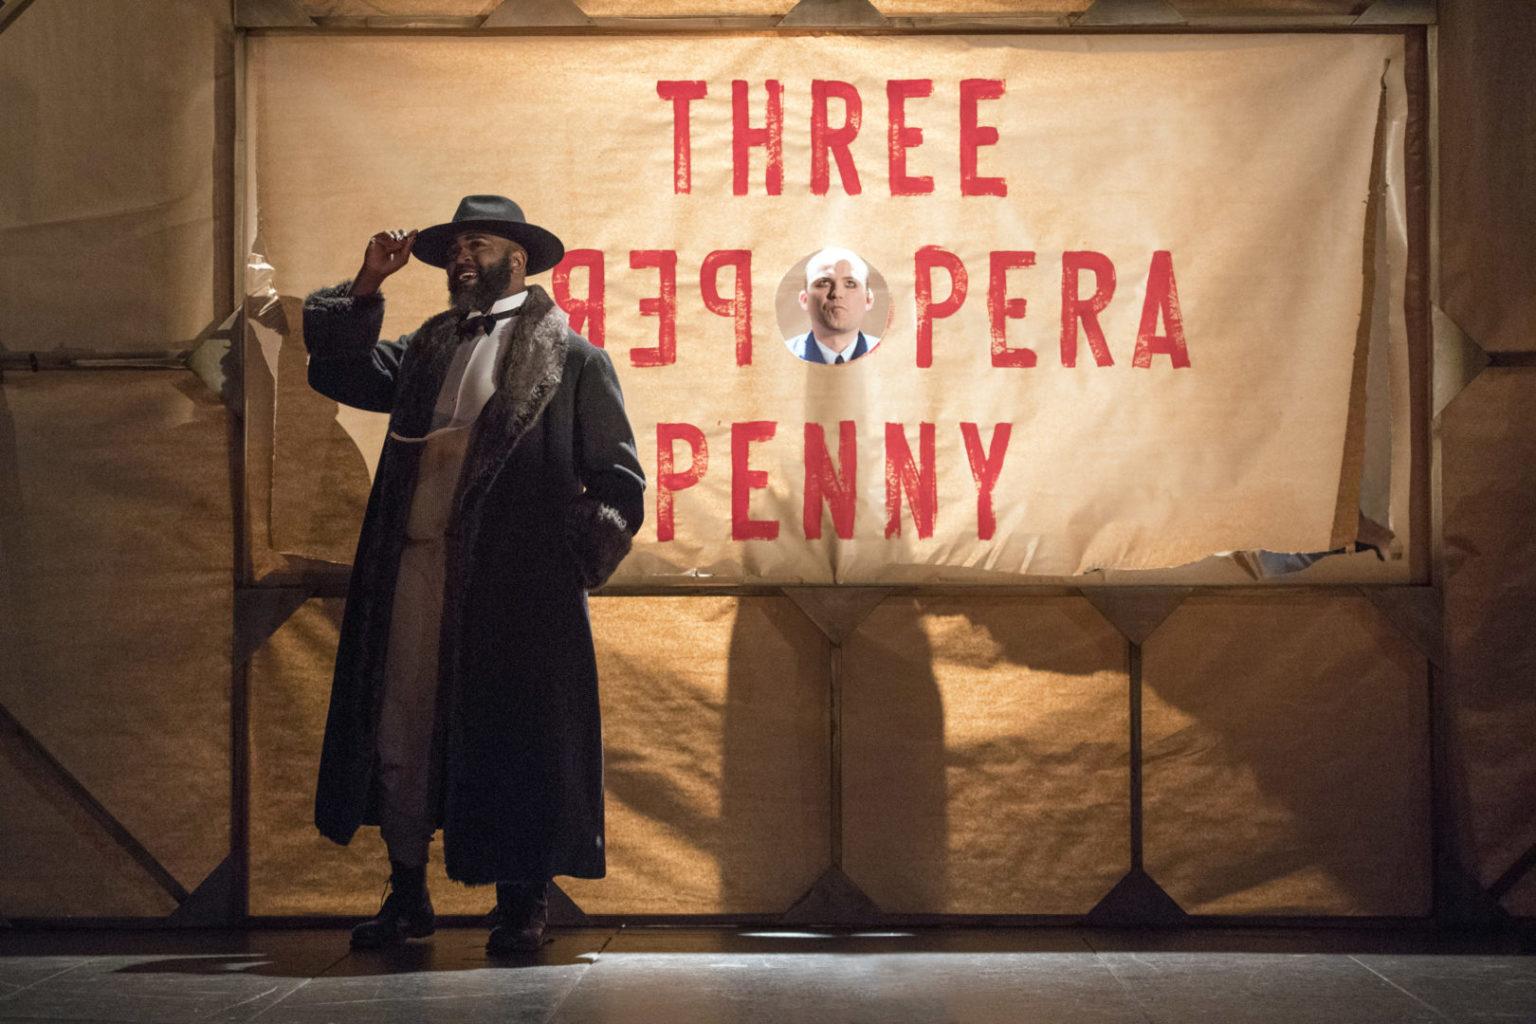 threepenny opera essay